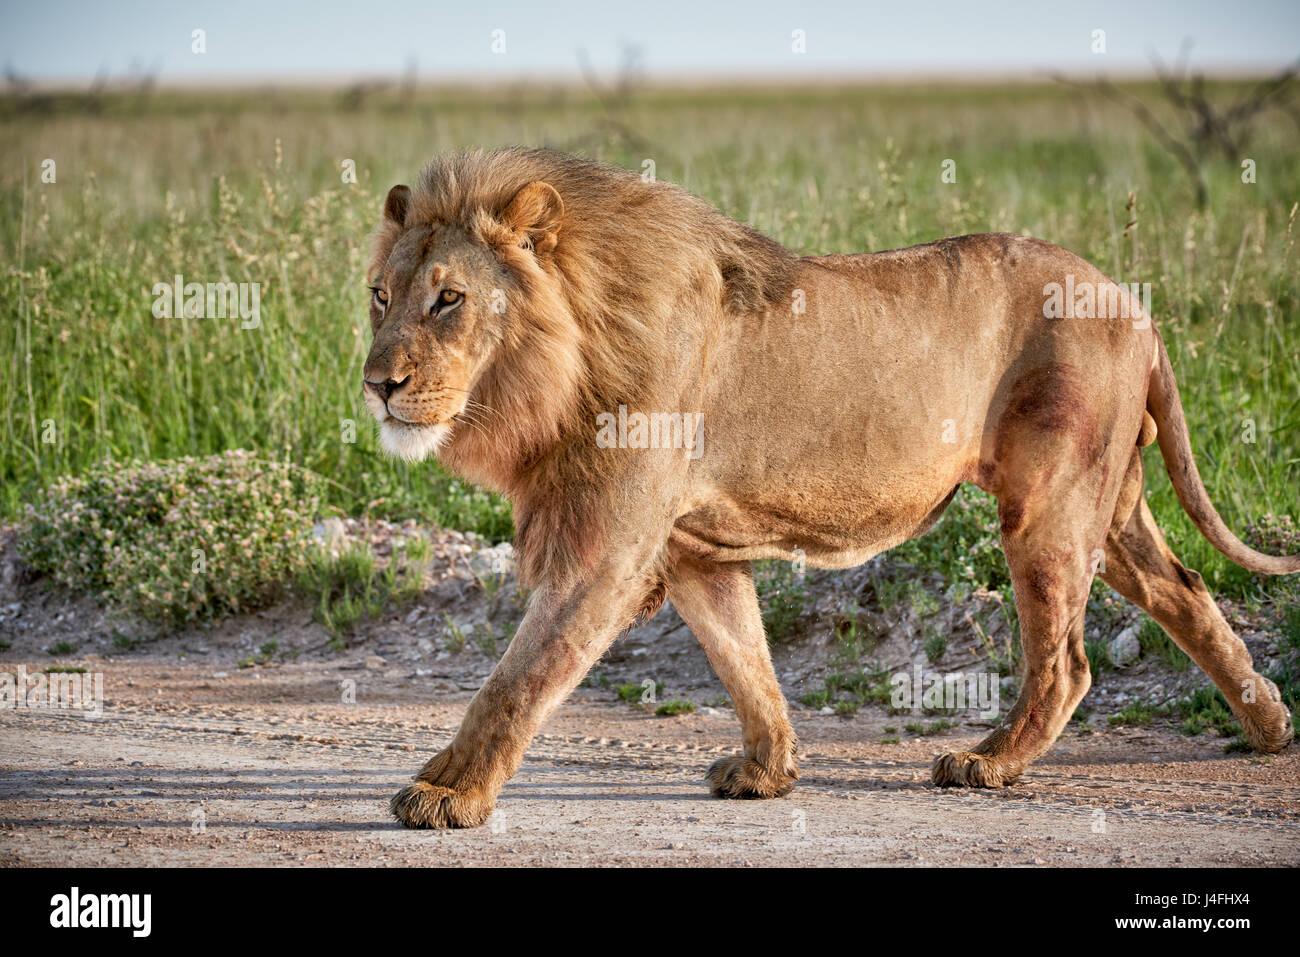 León macho (Panthera leo) patrullando por la zona Imagen De Stock